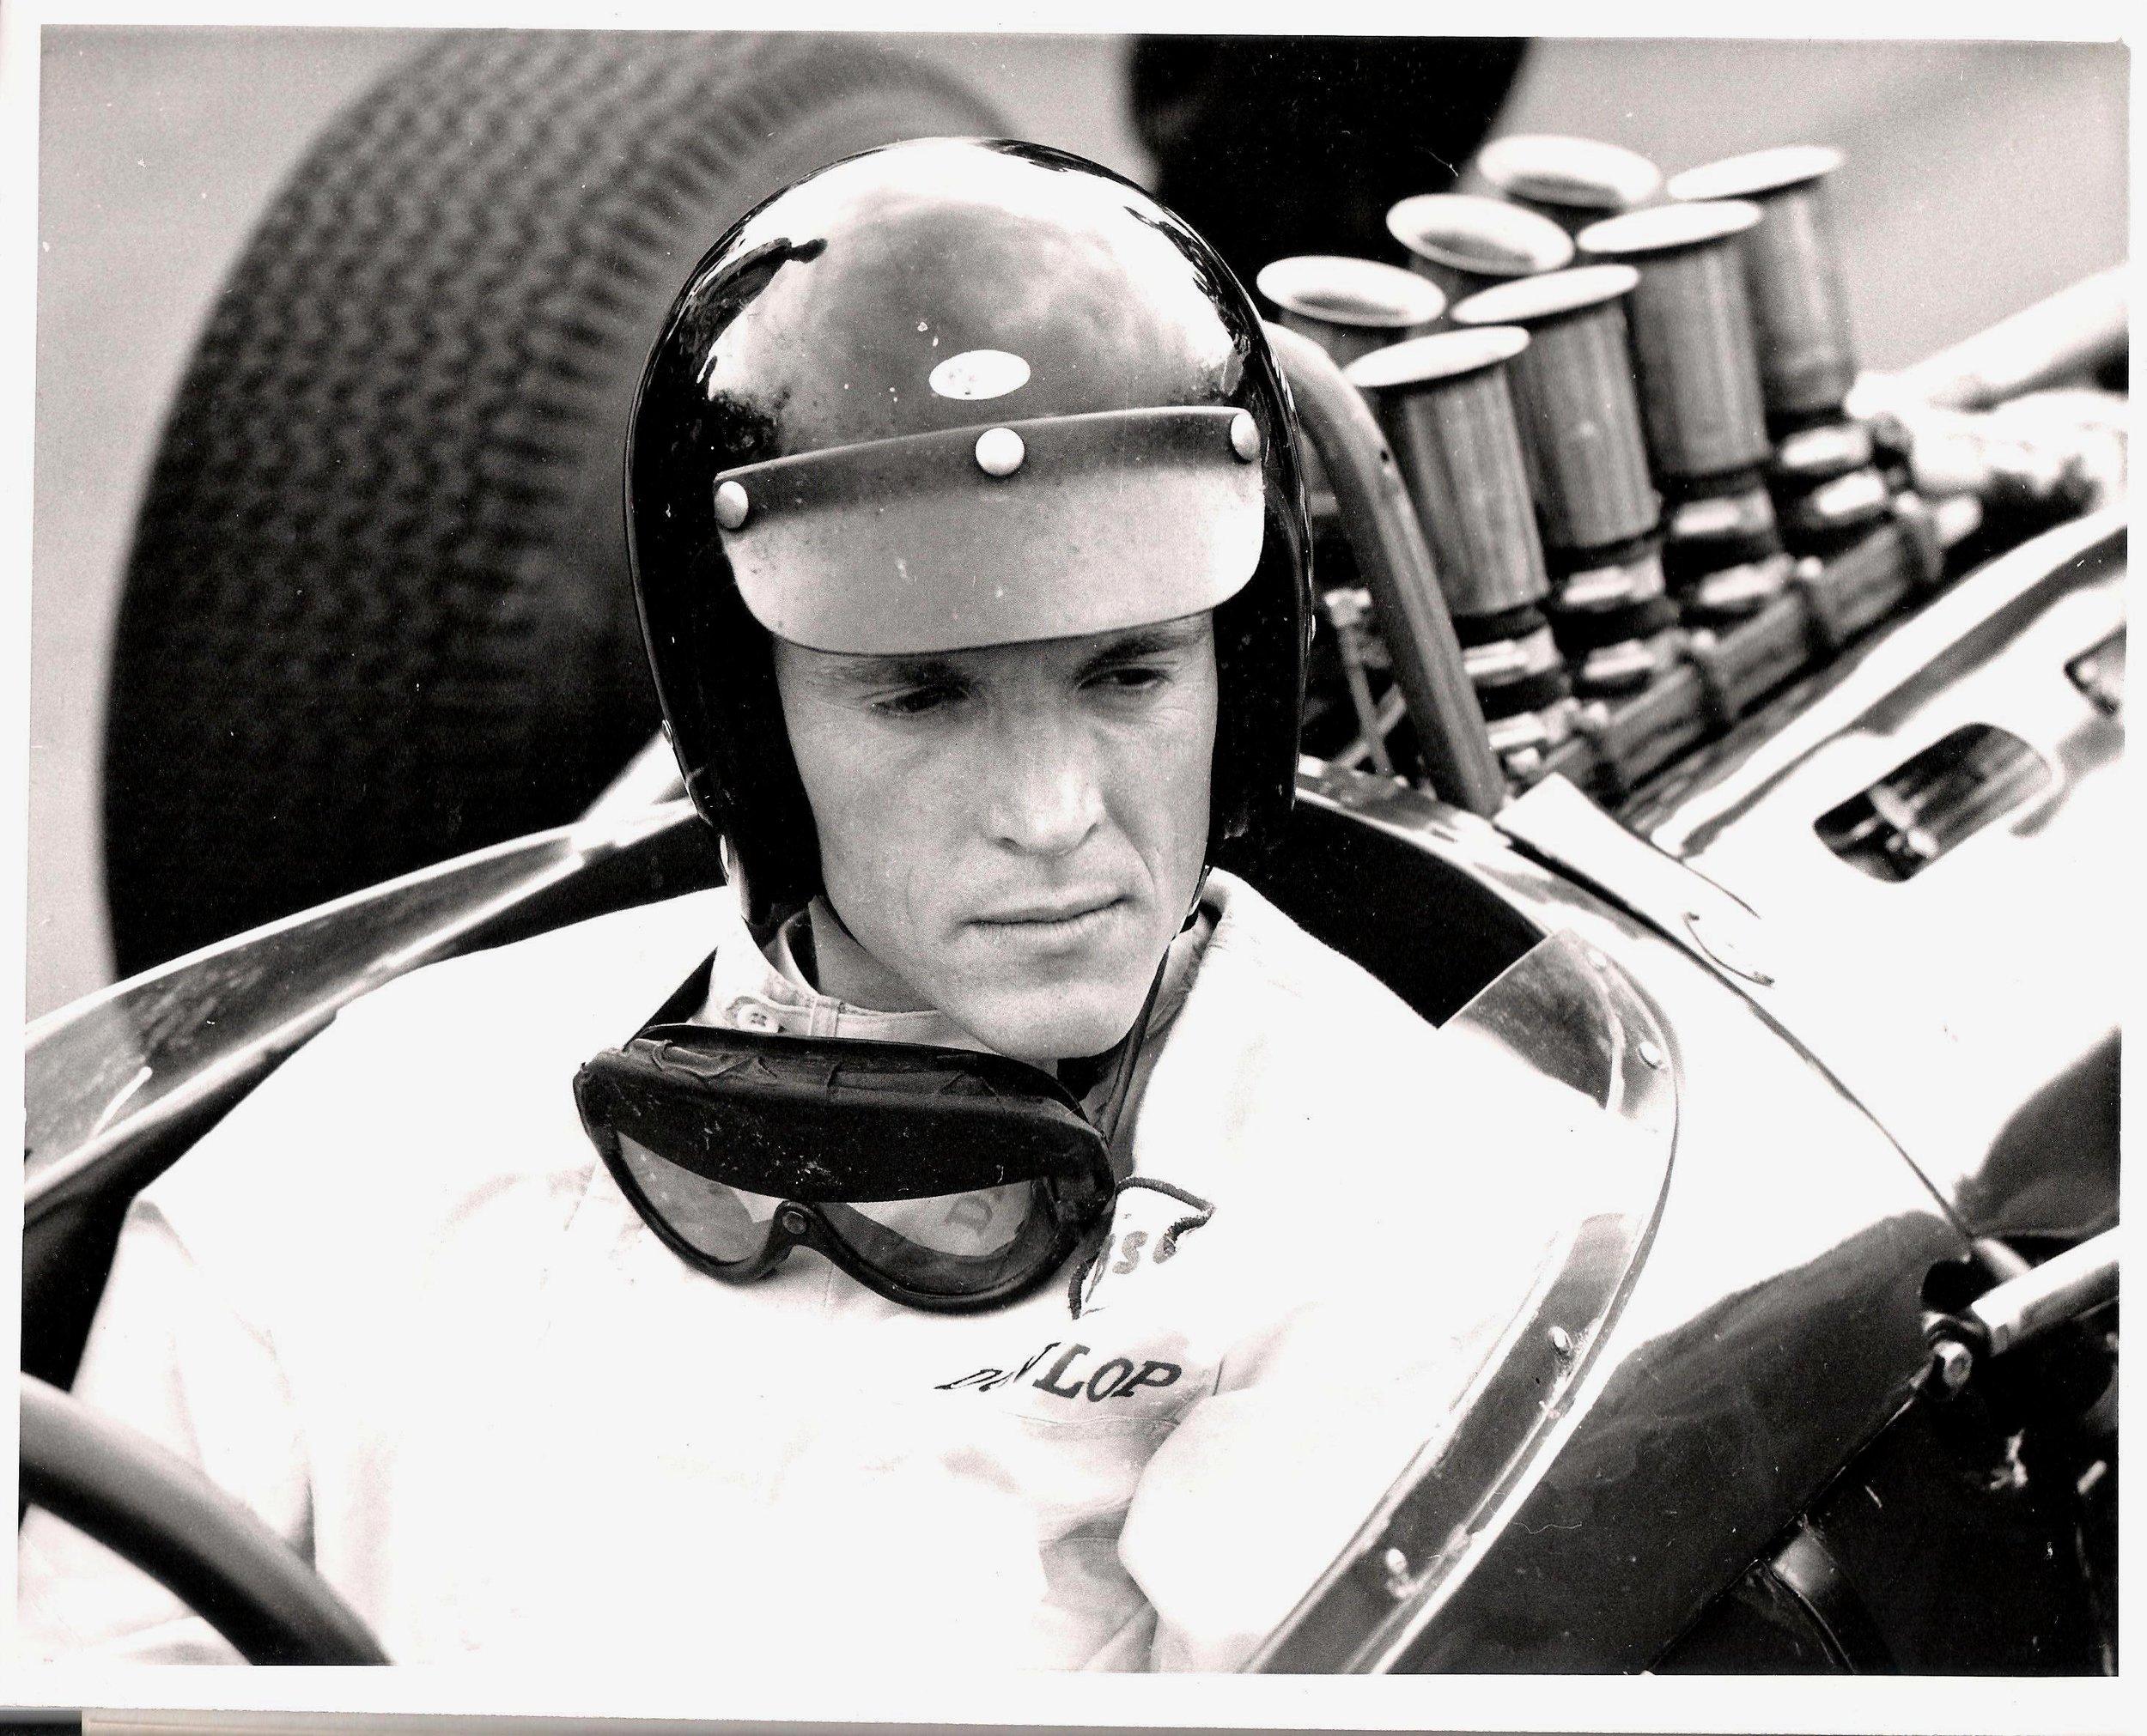 013.1 Dan Gurney.jpg